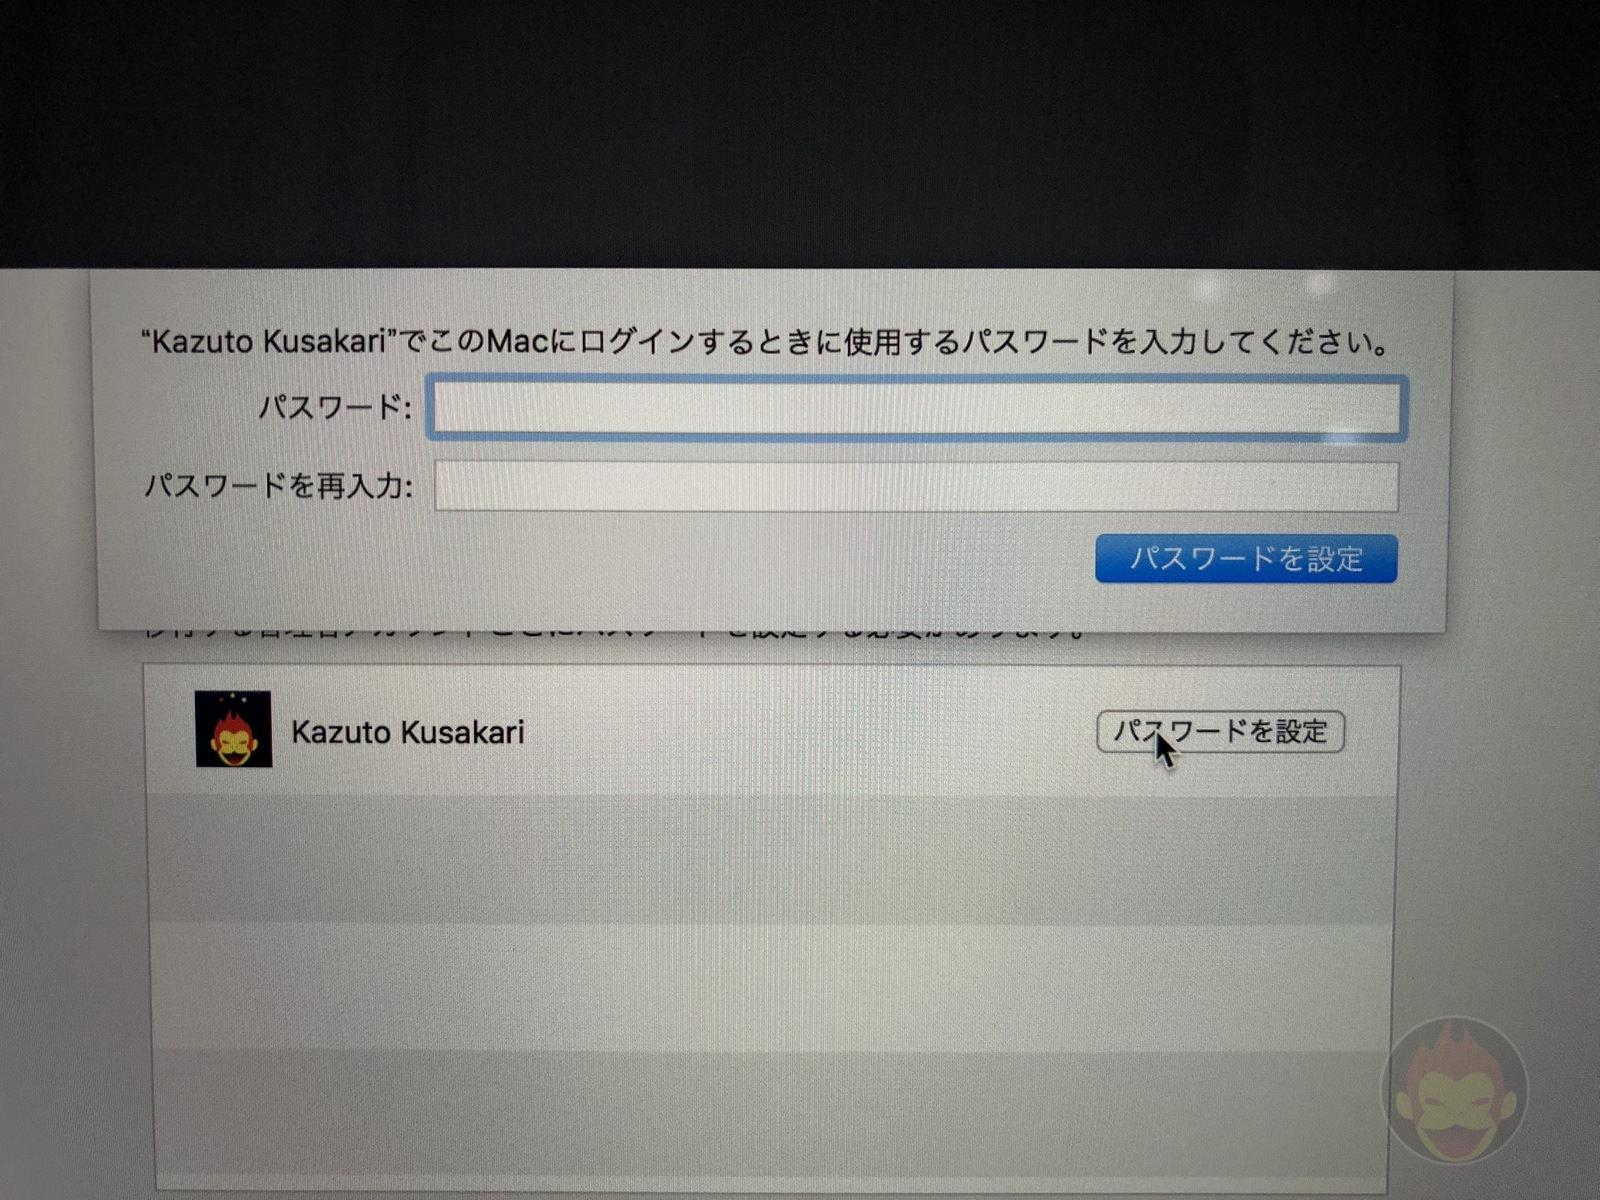 How-to-reset-macOS-on-Mac-55.jpg